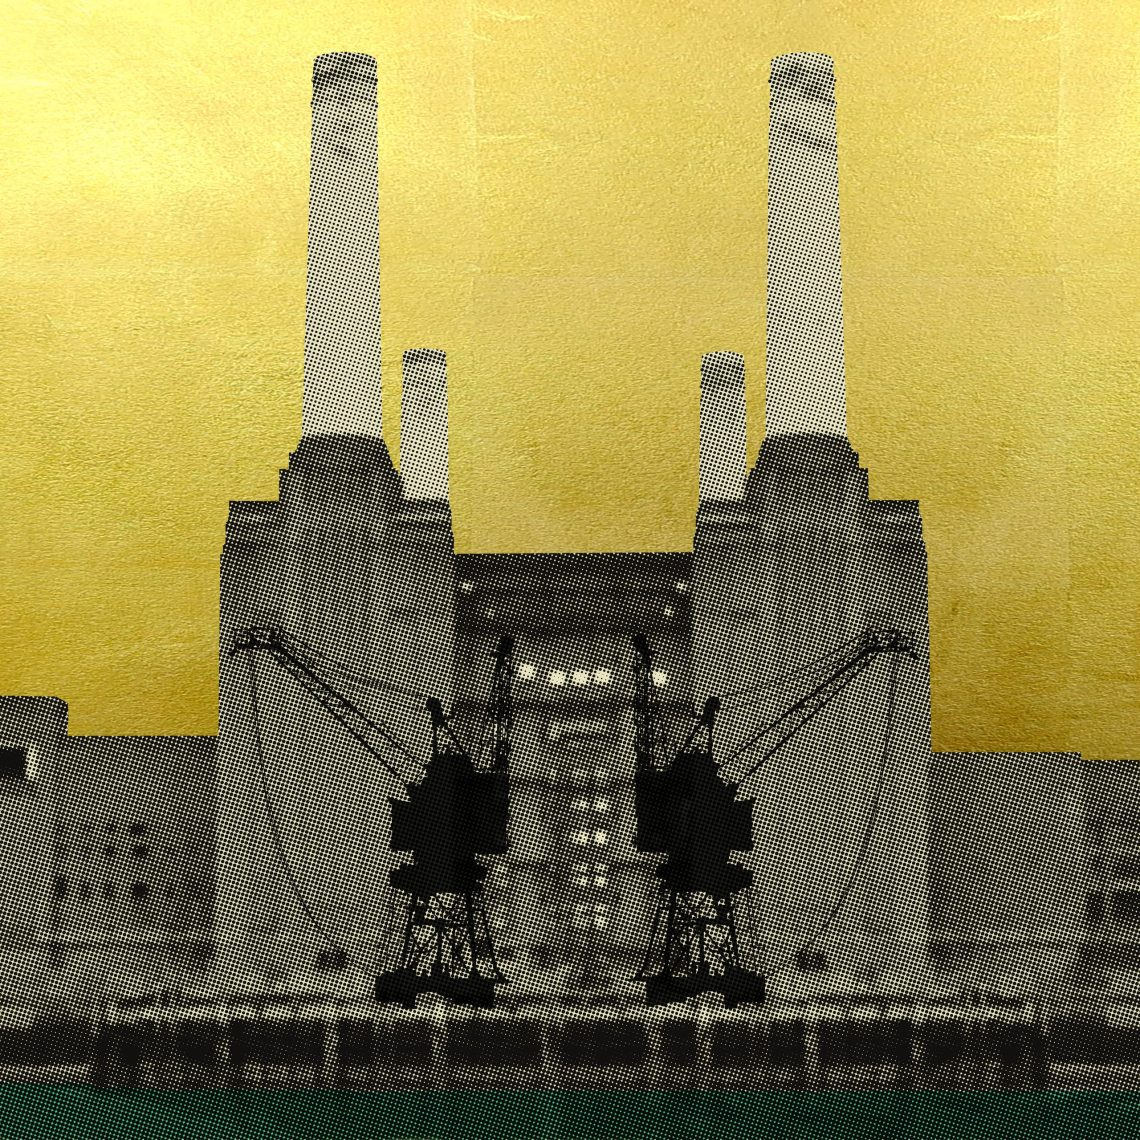 Battersea Power Station VIS